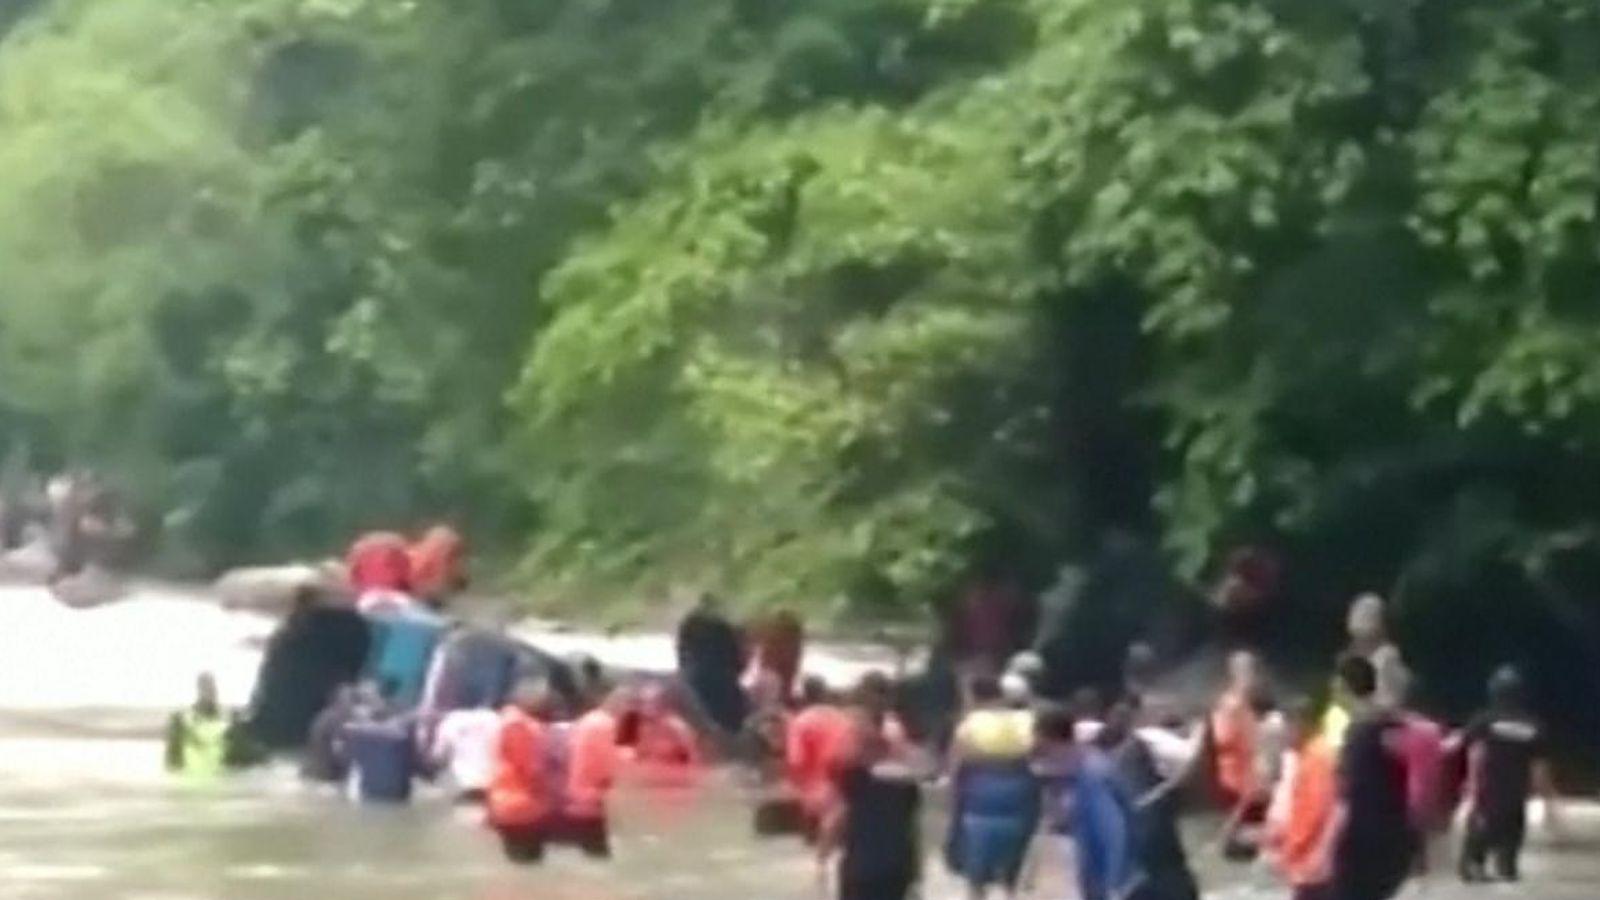 Sumatra bus crash: 25 killed after 262ft ravine plunge